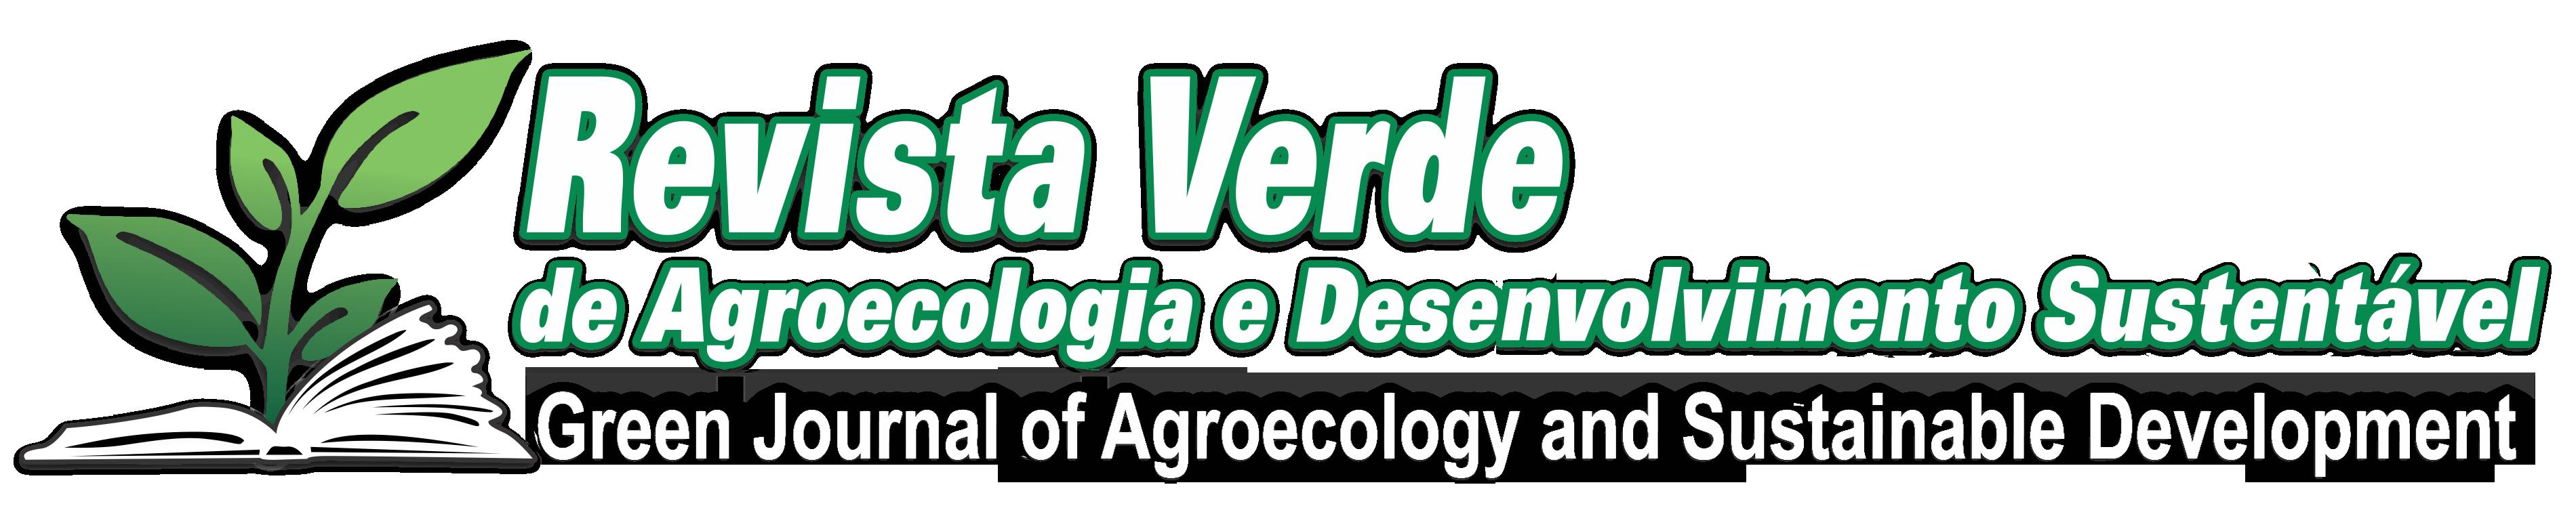 Revista Verde de Agroecologia e Desenvolvimento Sustentável